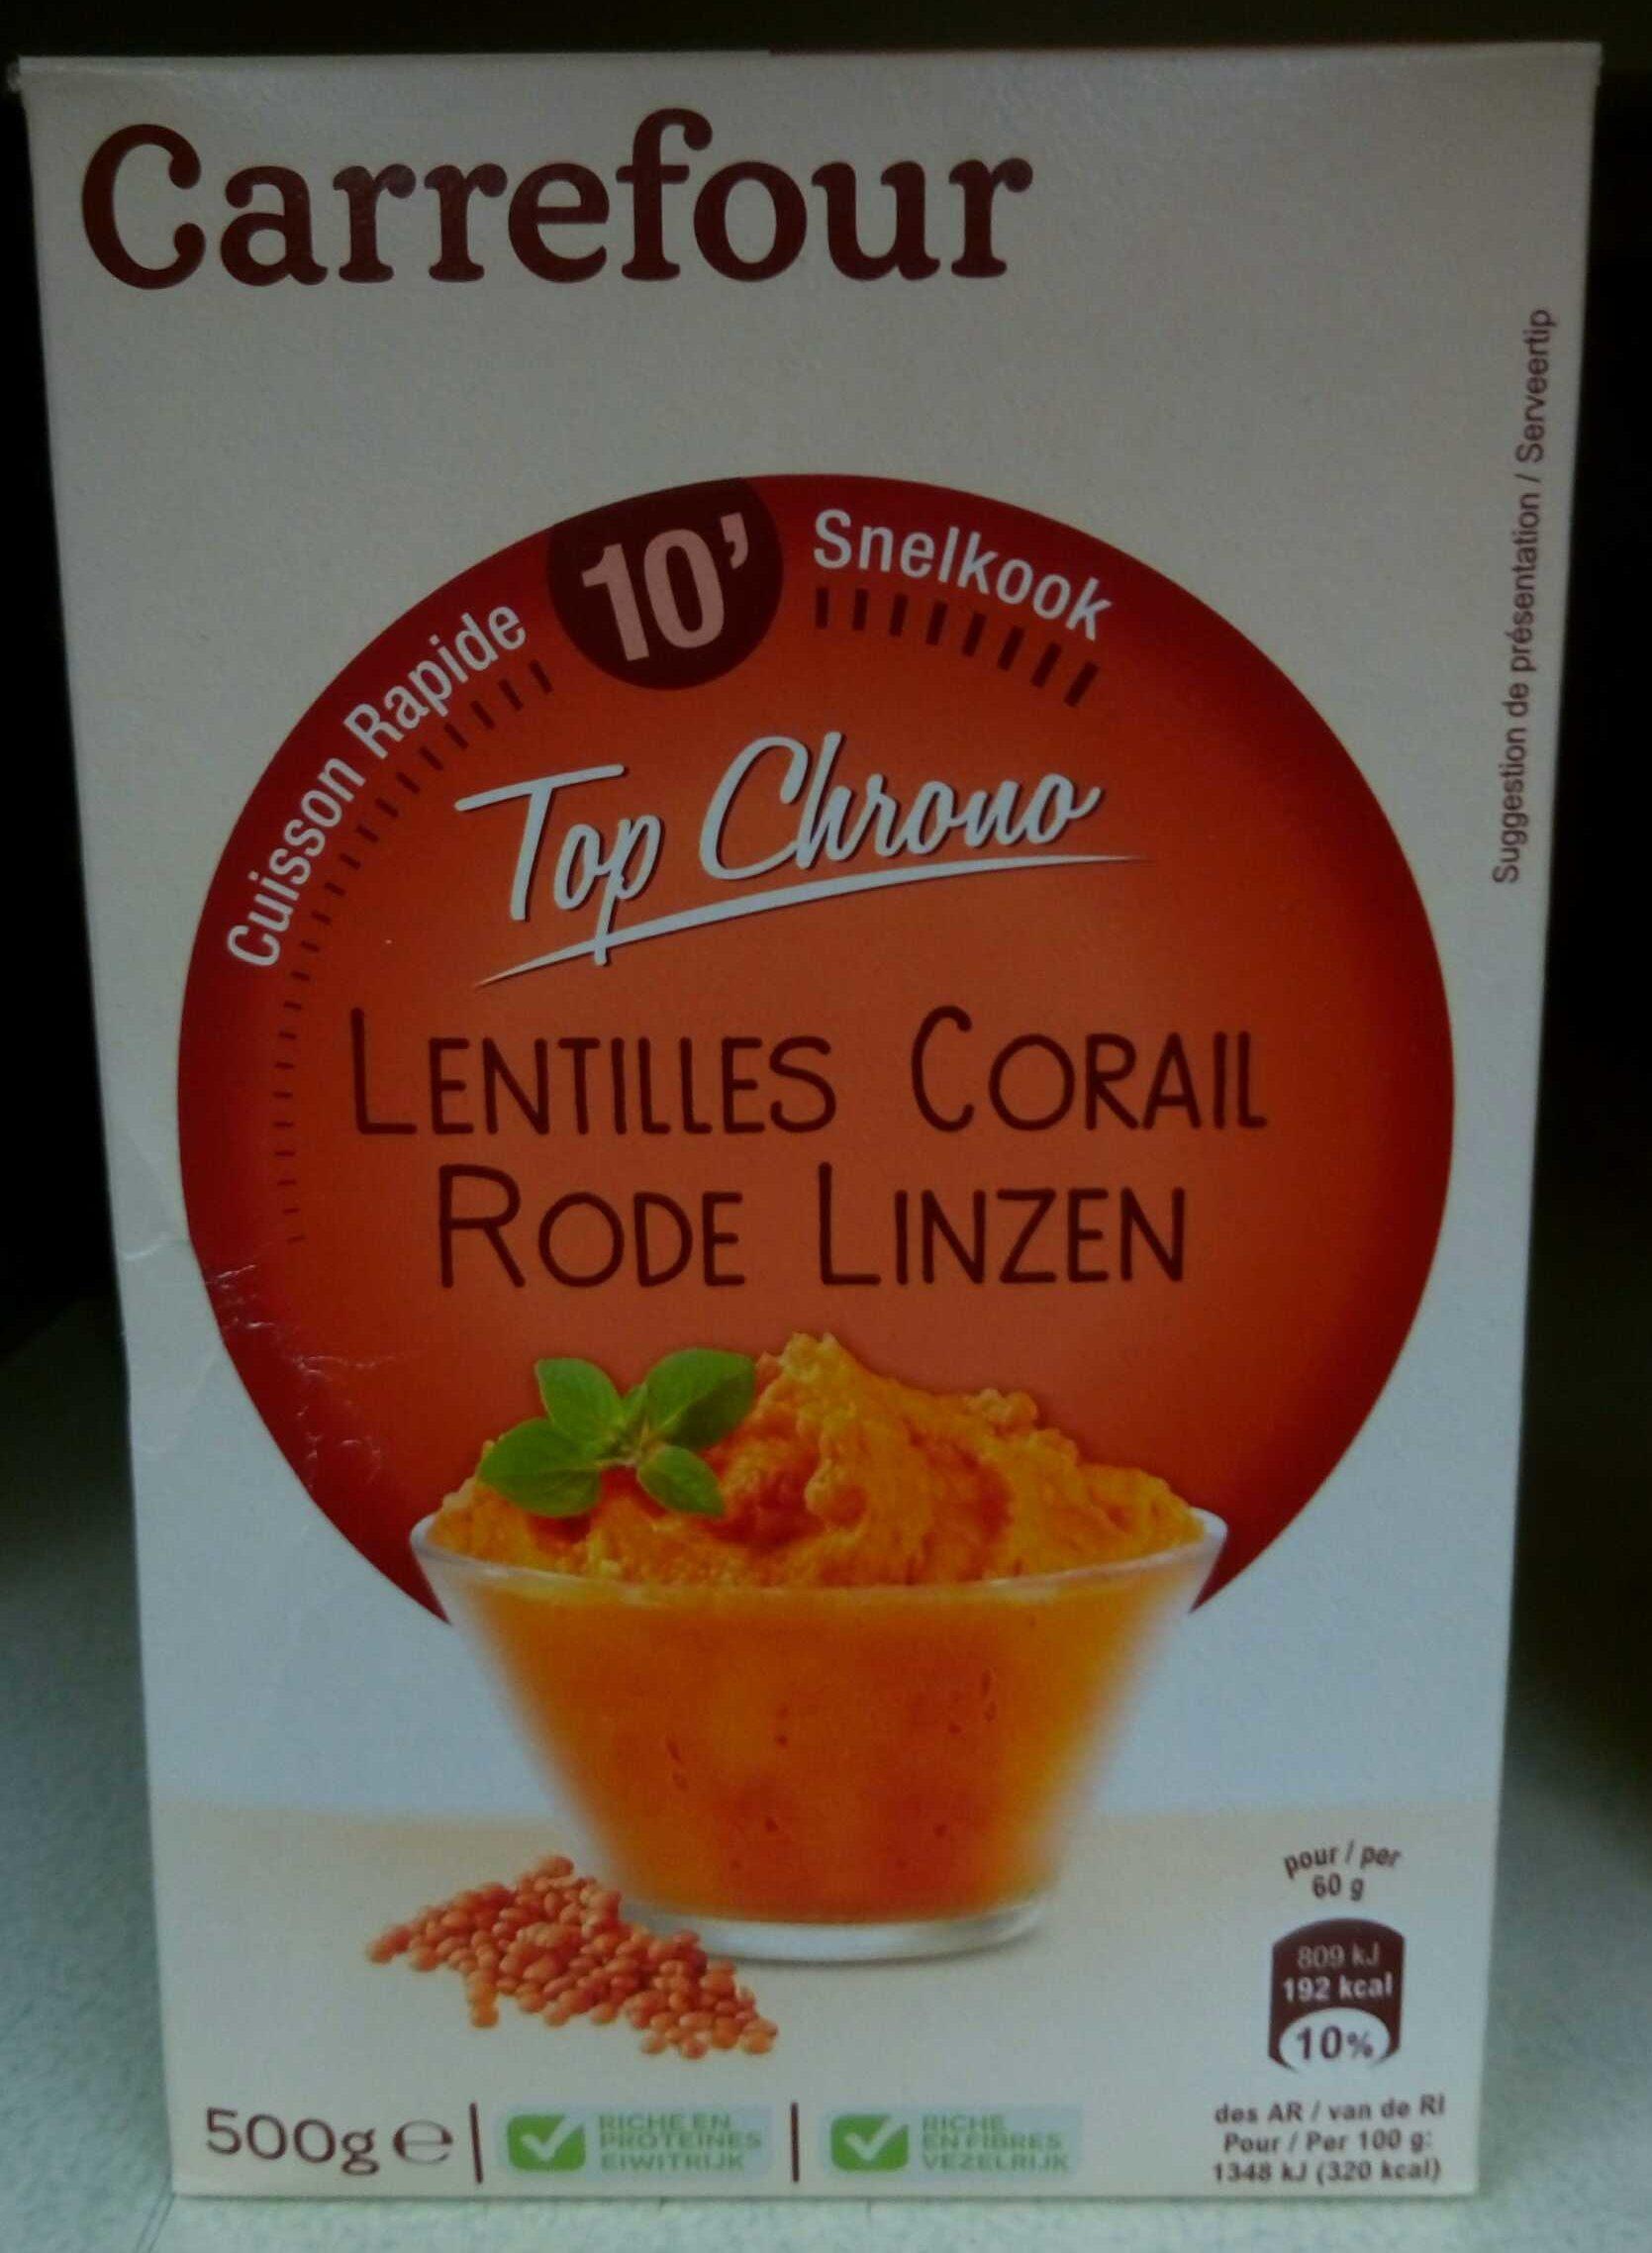 Lentilles Corail Top Chrono - Produit